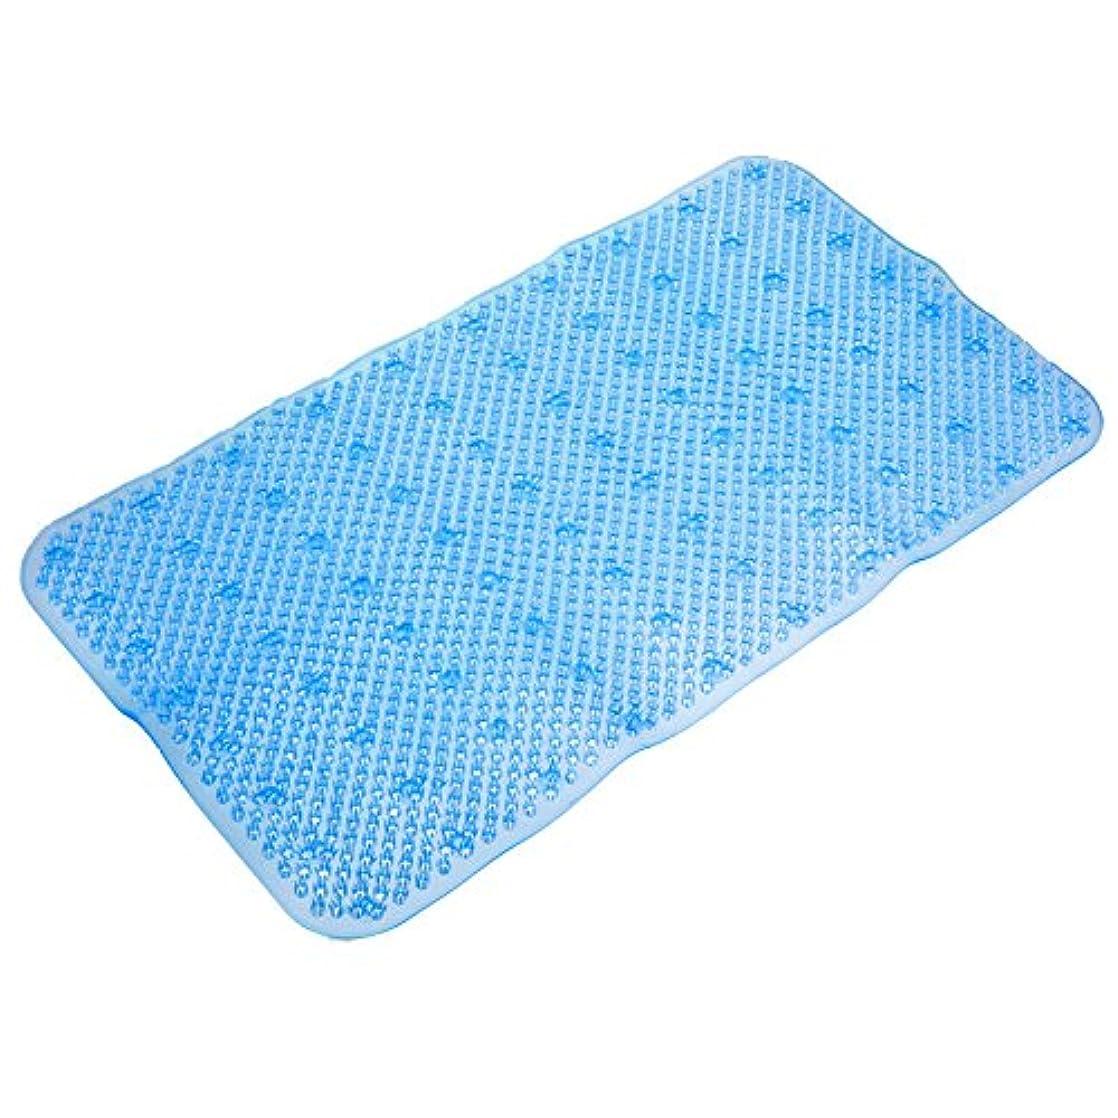 唯一足枷議論する便利な pvc 34 × 64 センチ非スリップ風呂浴室シャワー トイレ アンチスリップフロアマット吸引吸盤パッド足マッサージ の敷物5色-青い